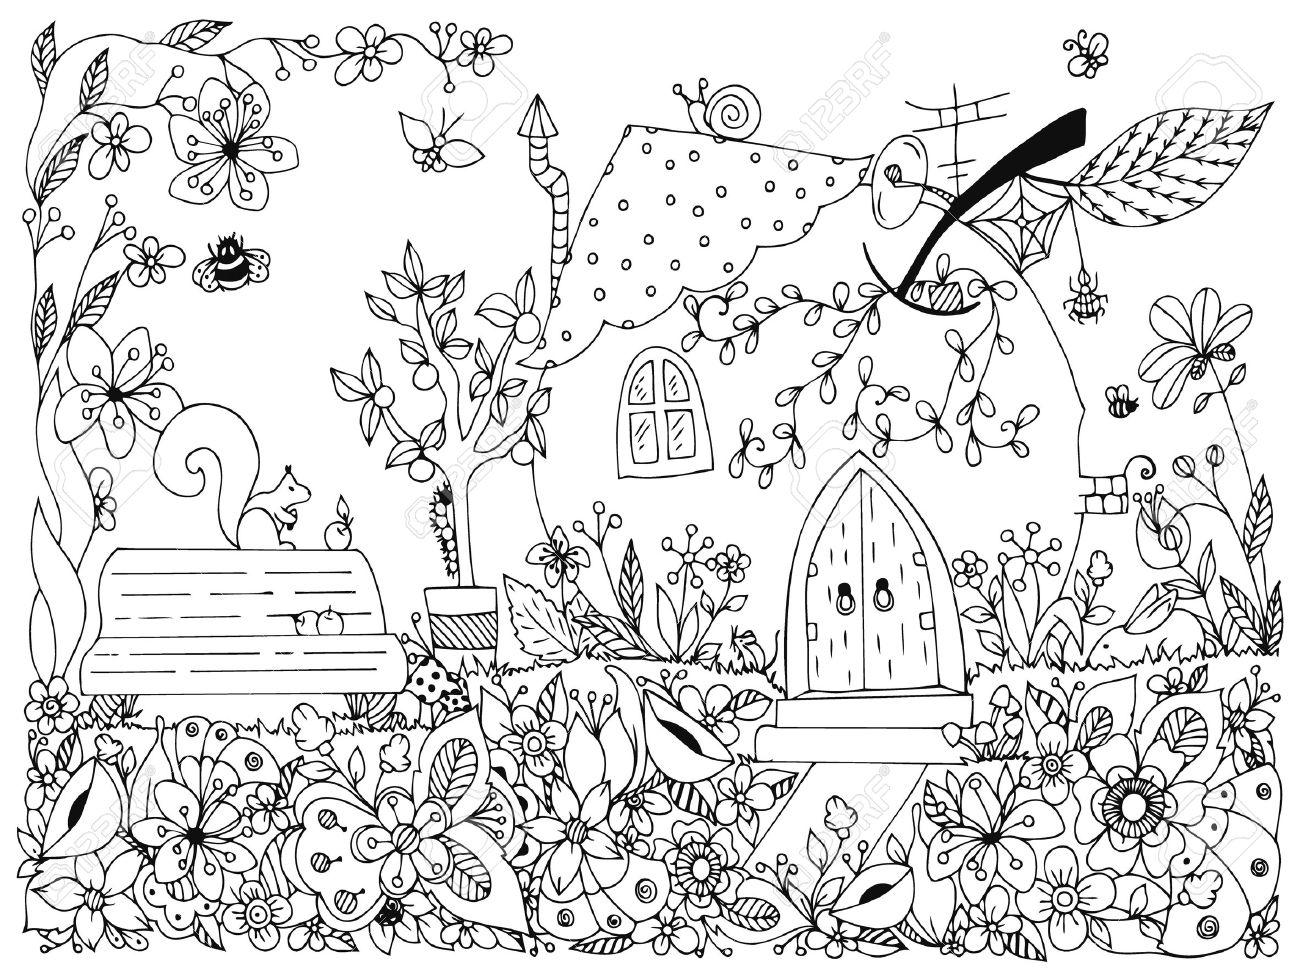 Coloriage Jardin Arbres.Coloriage Anti Stress Jardin